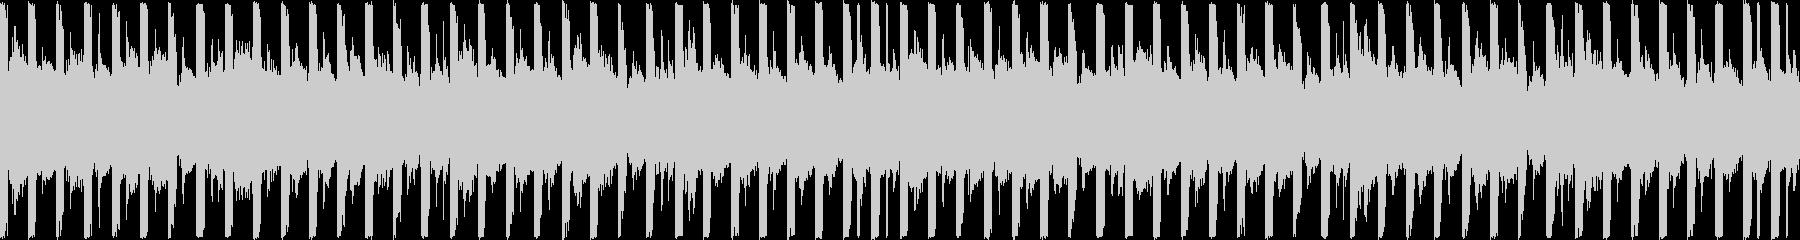 運動・フィットネス/30秒ループ曲1の未再生の波形